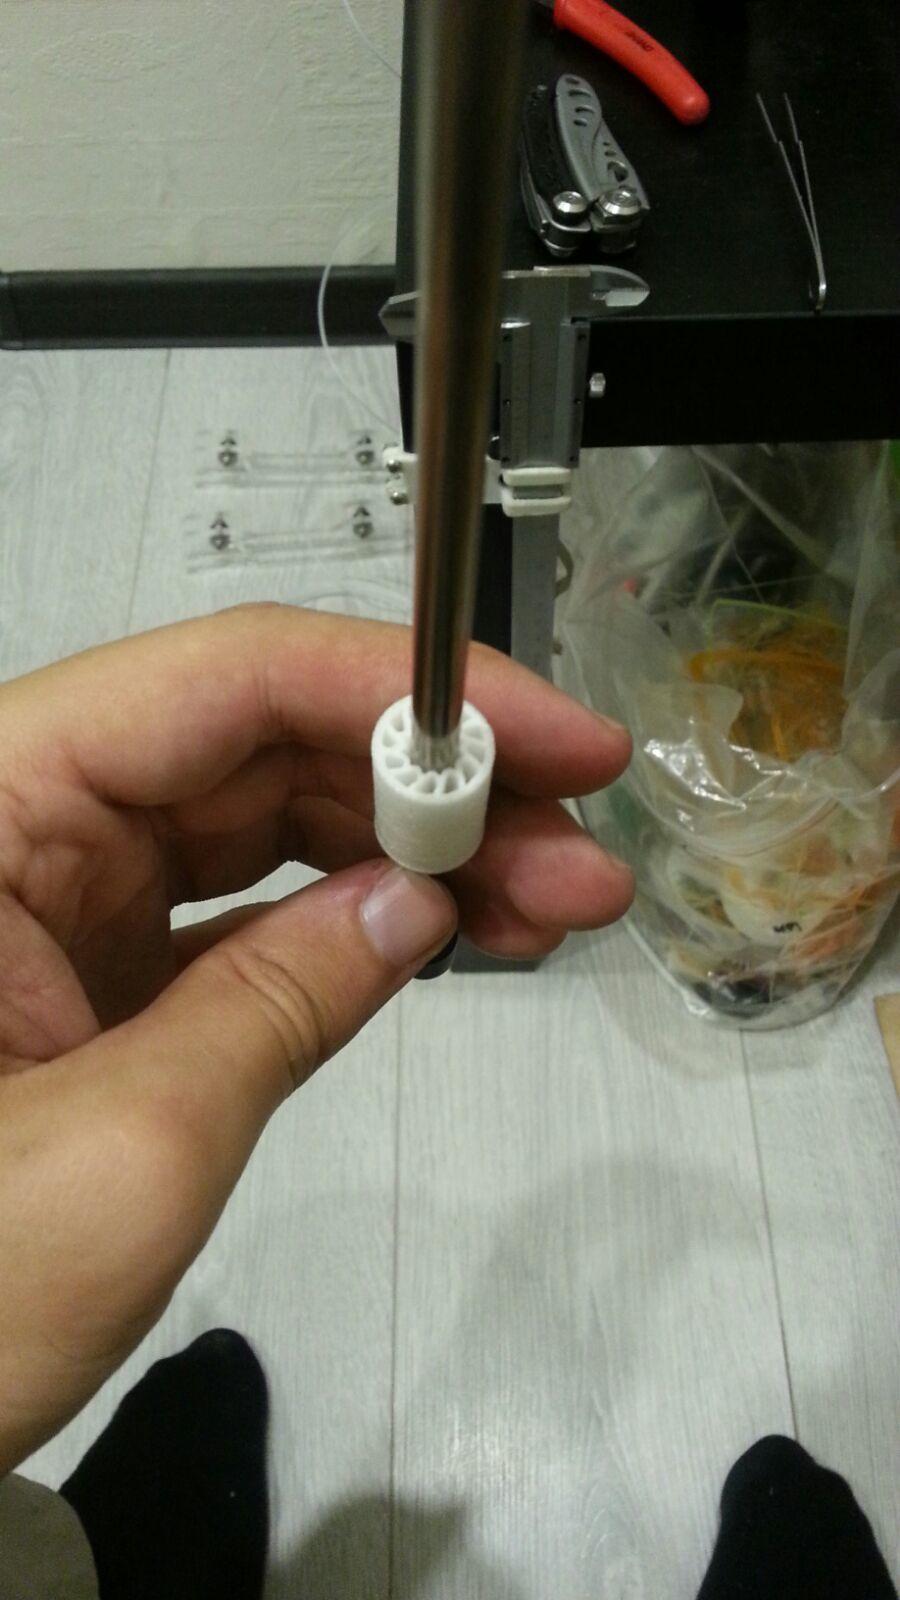 Конструктор 3D-принтера от SUNHOKEY в процессе эксплуатации (часть вторая) - 32